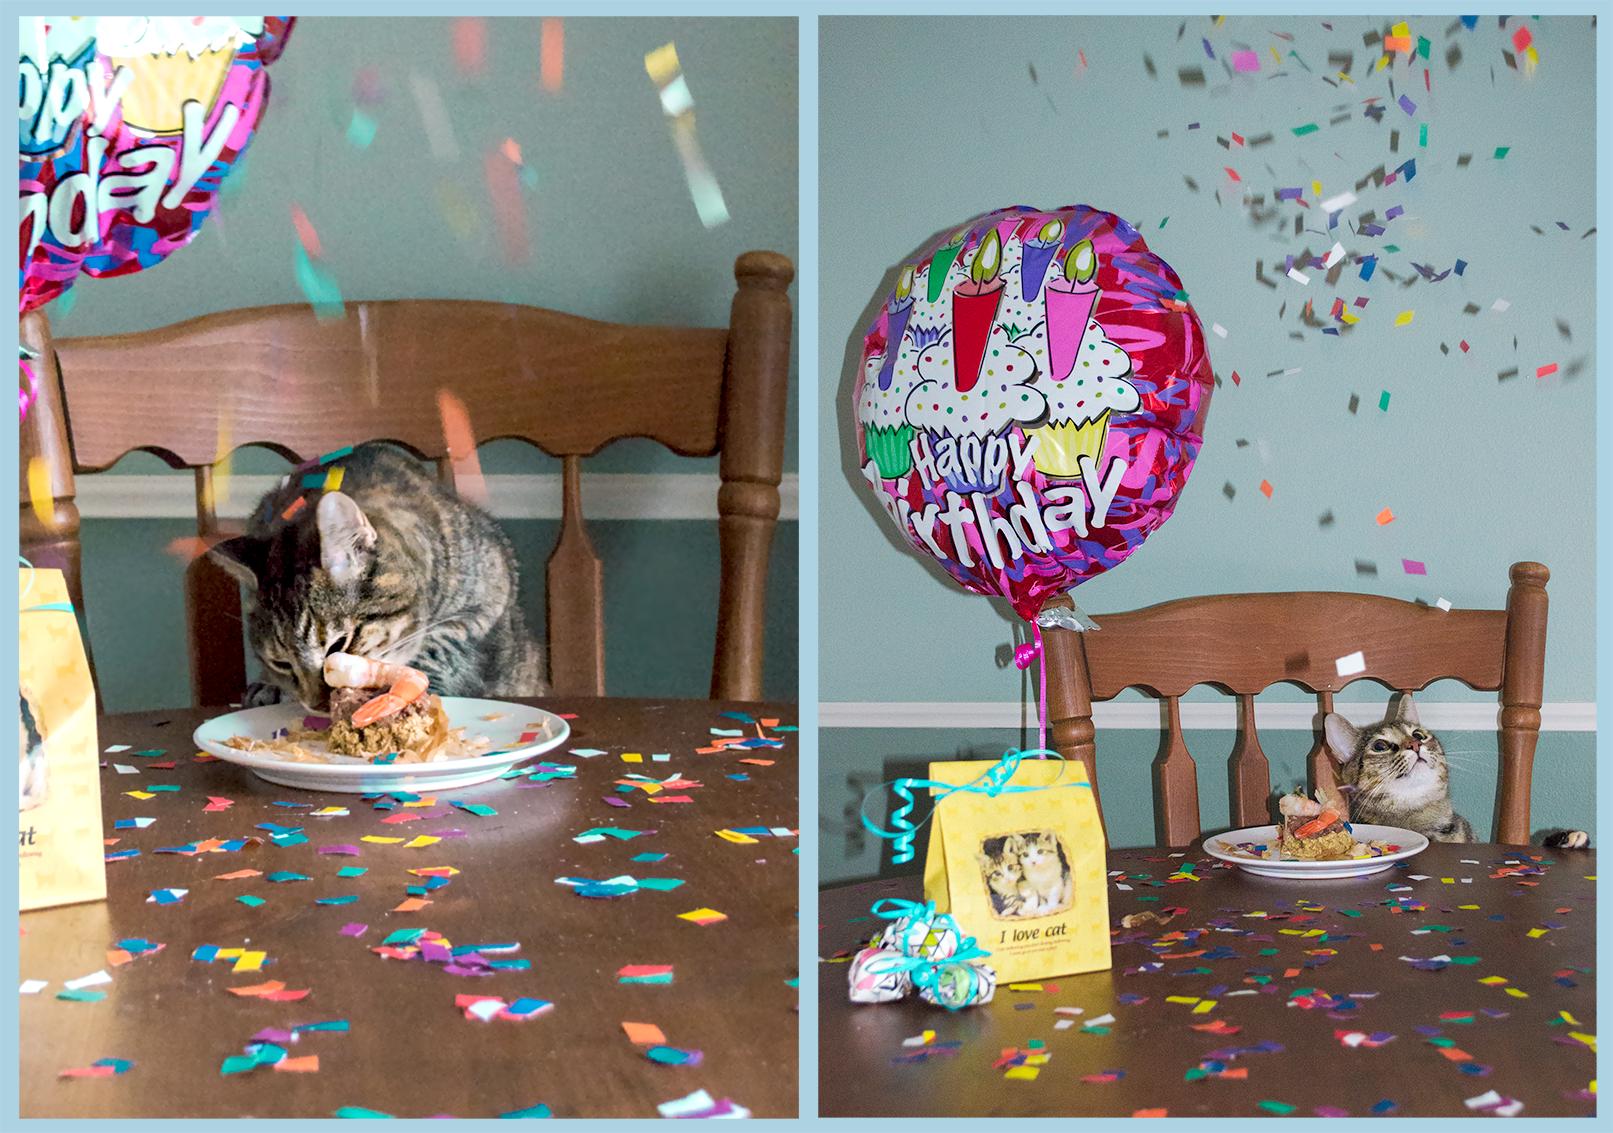 """Dù ngỡ ngàng với pháo giấy mà chủ nhân dành cho mình, chú mèo này vẫn mải mê ăn uống say sưa mặc kệ """"sự đời"""".(Ảnh: Internet)"""